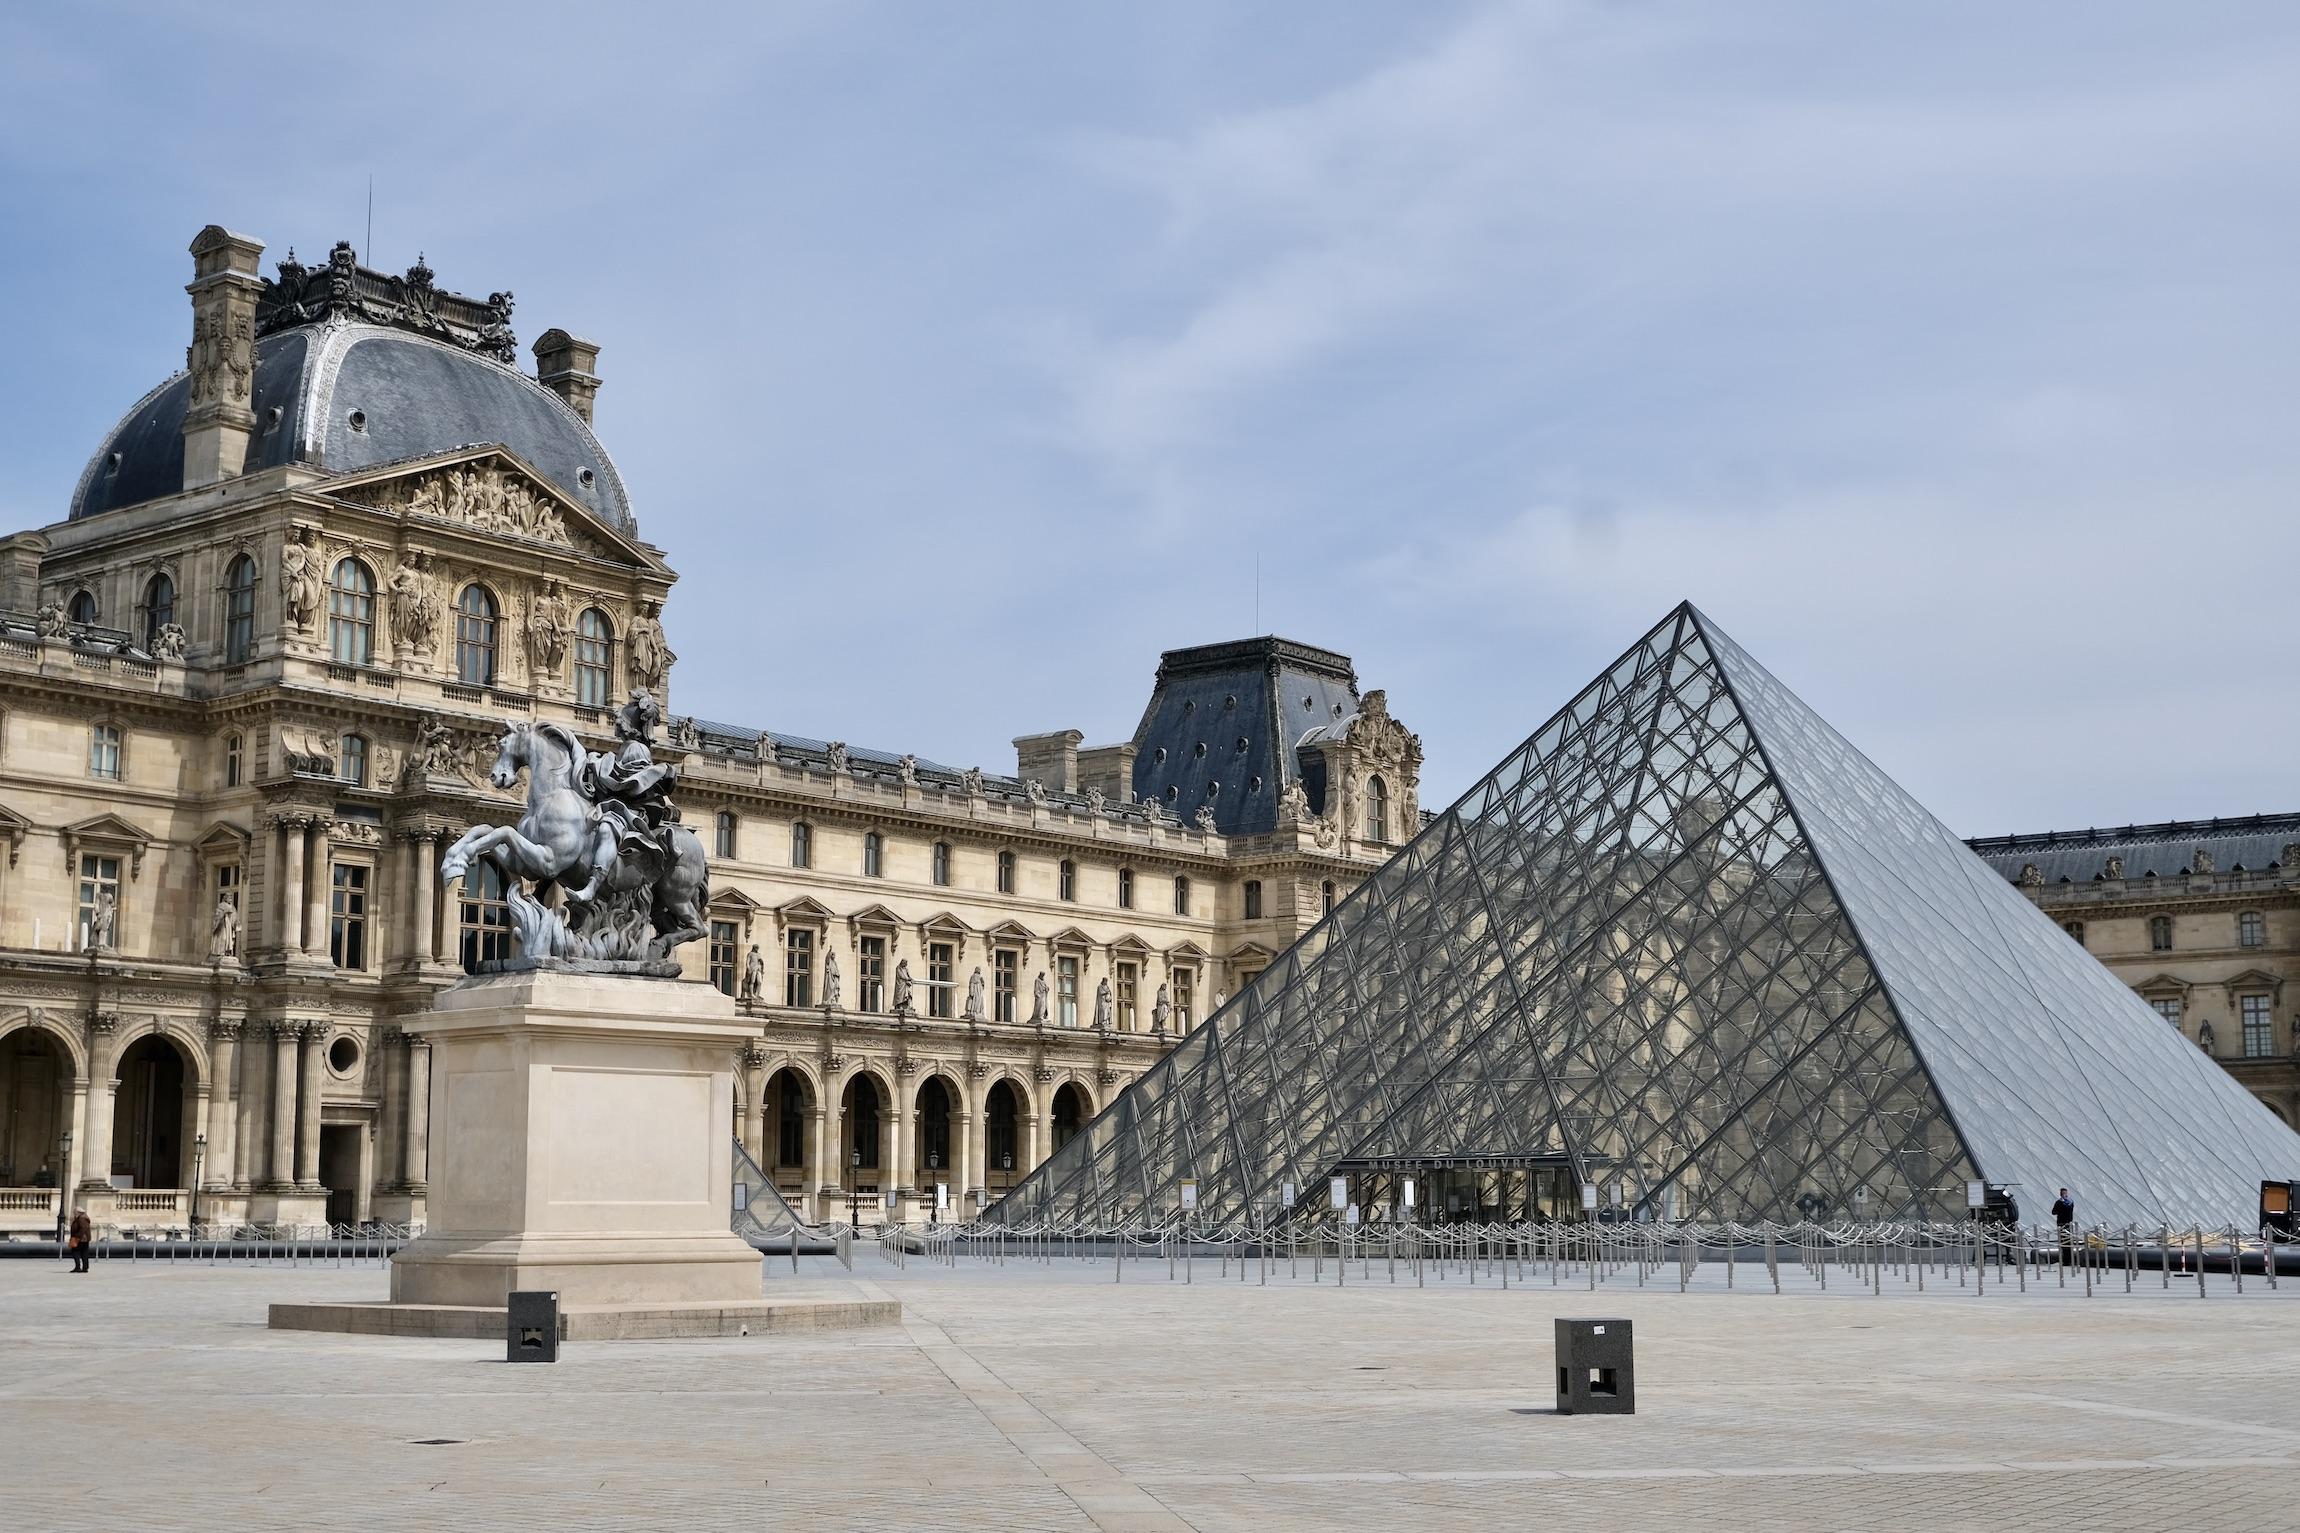 The Louvre empty post-confinement in Paris